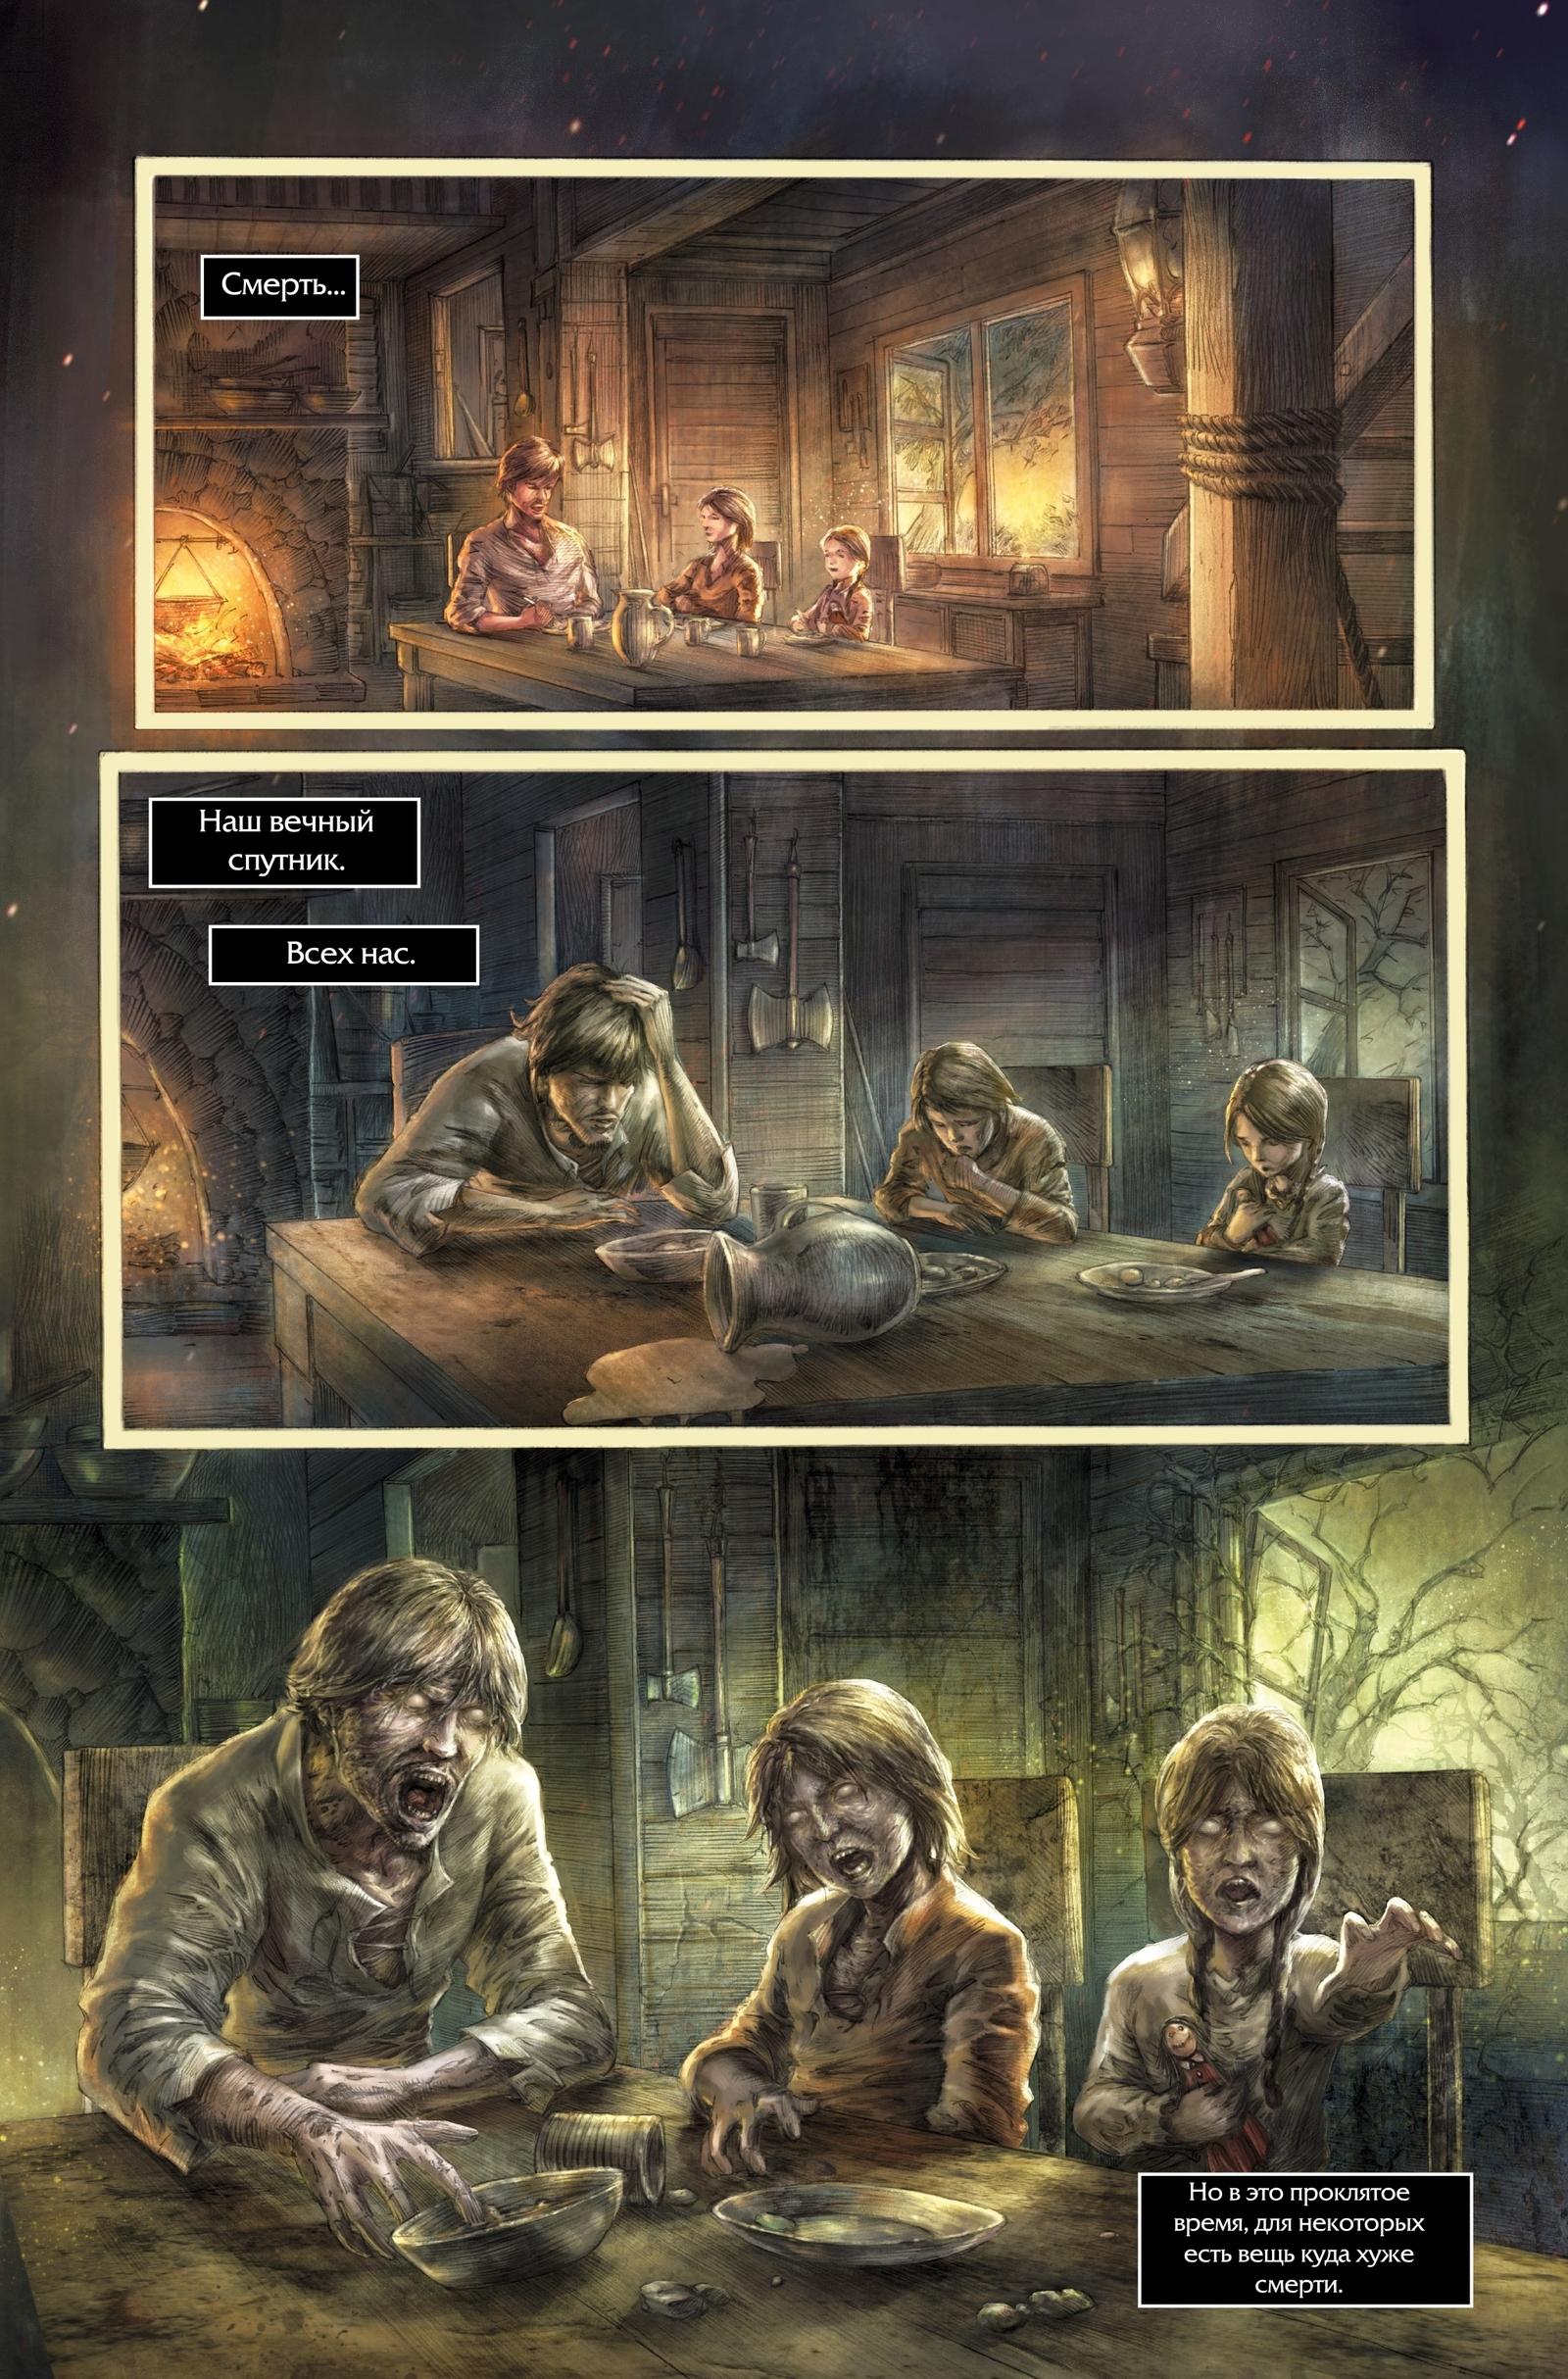 Немного комиксов по Dark Souls.(часть 1) - Изображение 2